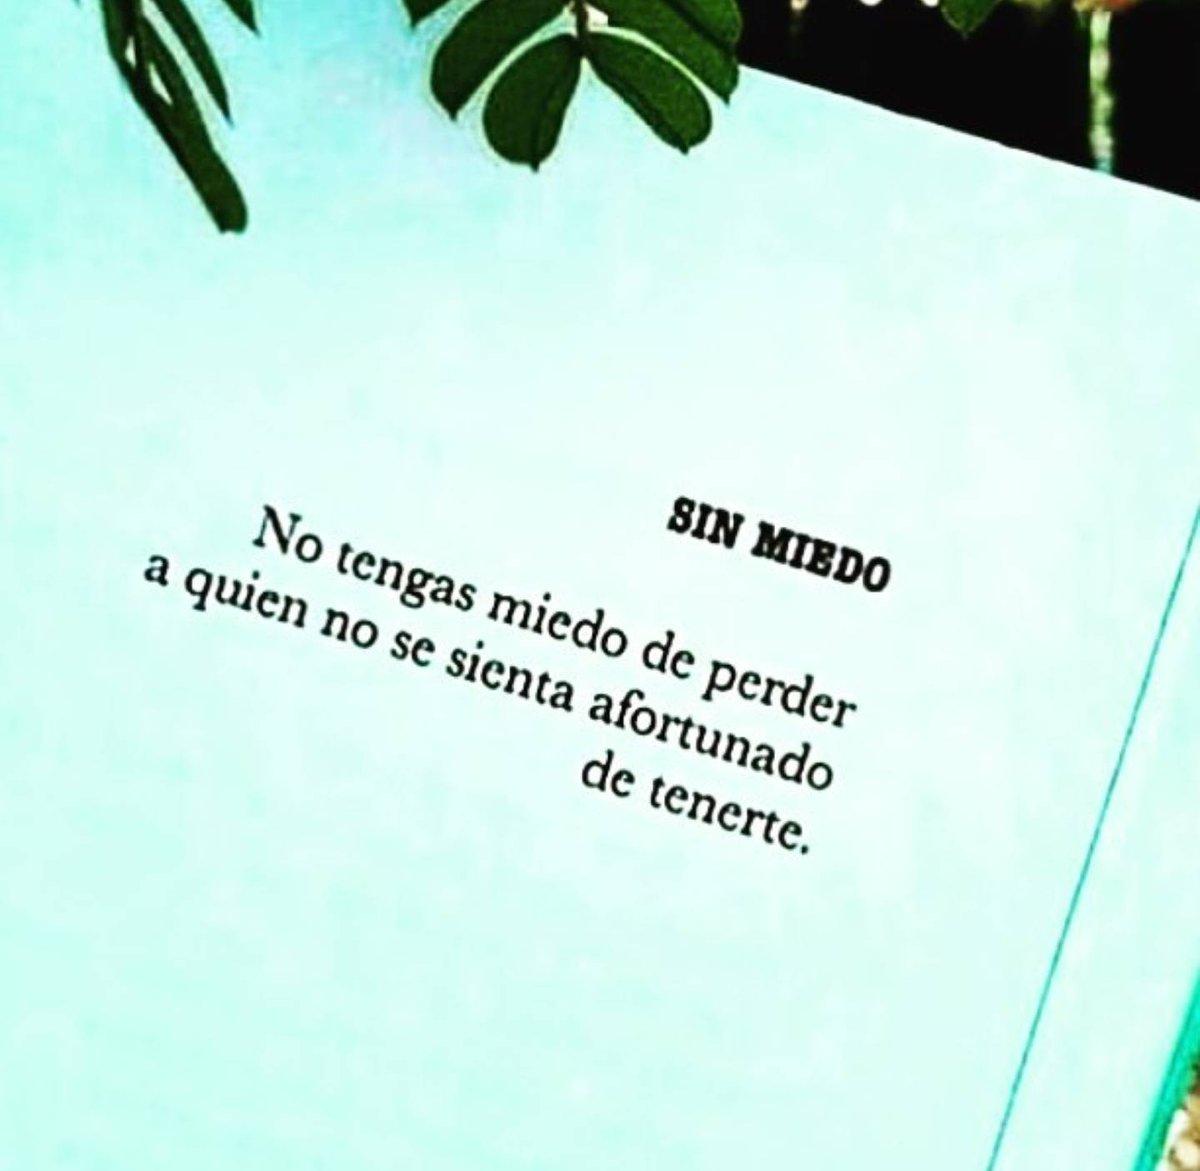 Quijotadas De Amor No Twitter Quijotadasdeamor Sin